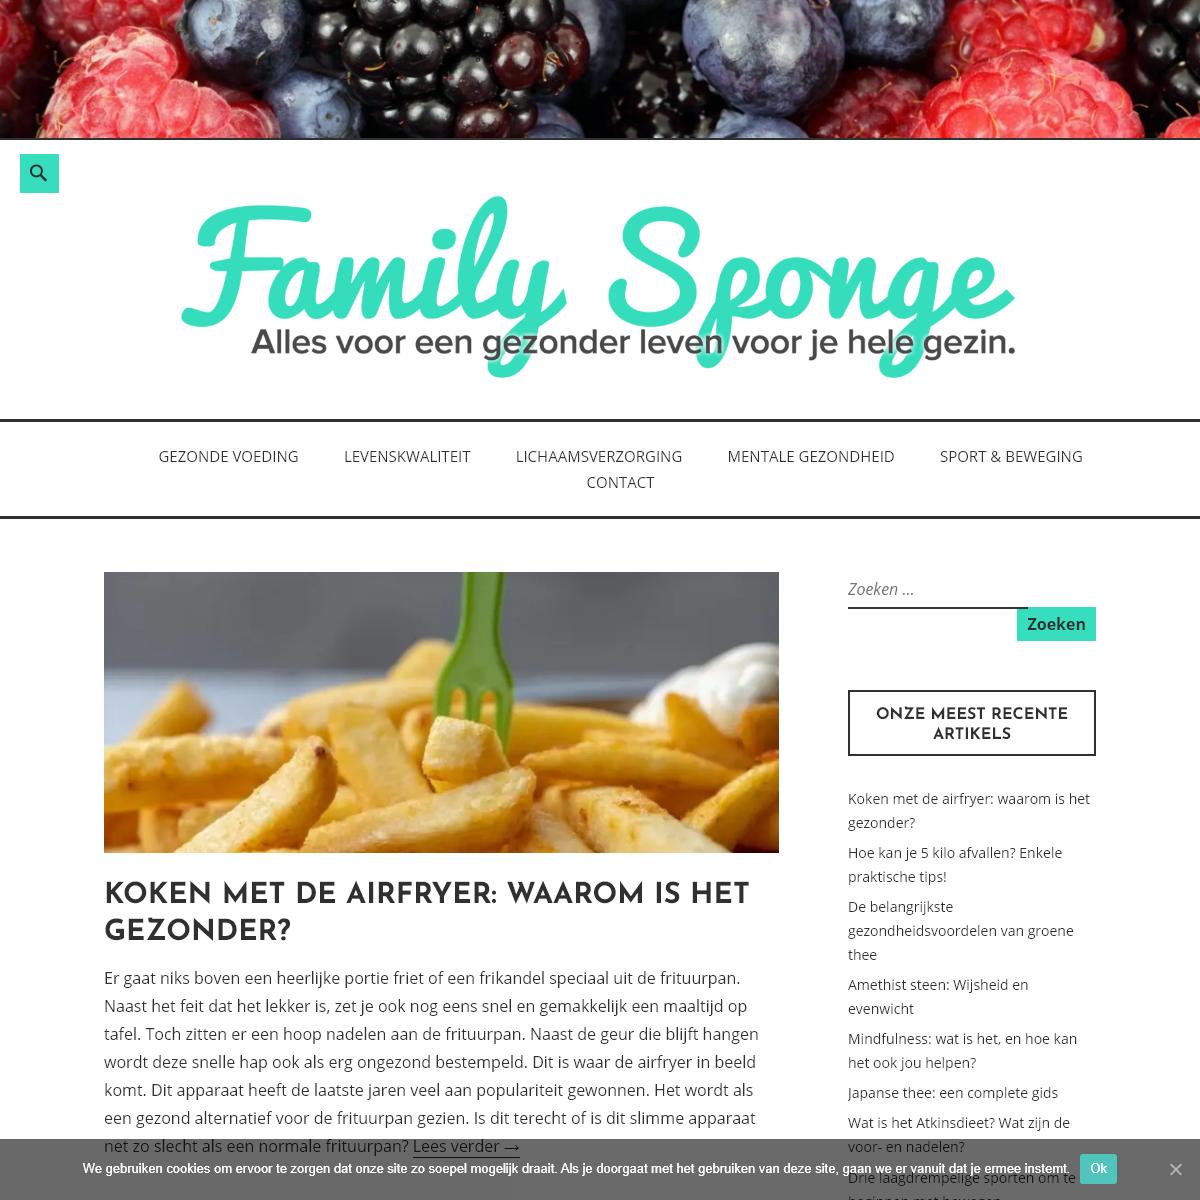 Family Sponge - Alles voor een gezonder leven voor jouw hele gezin!